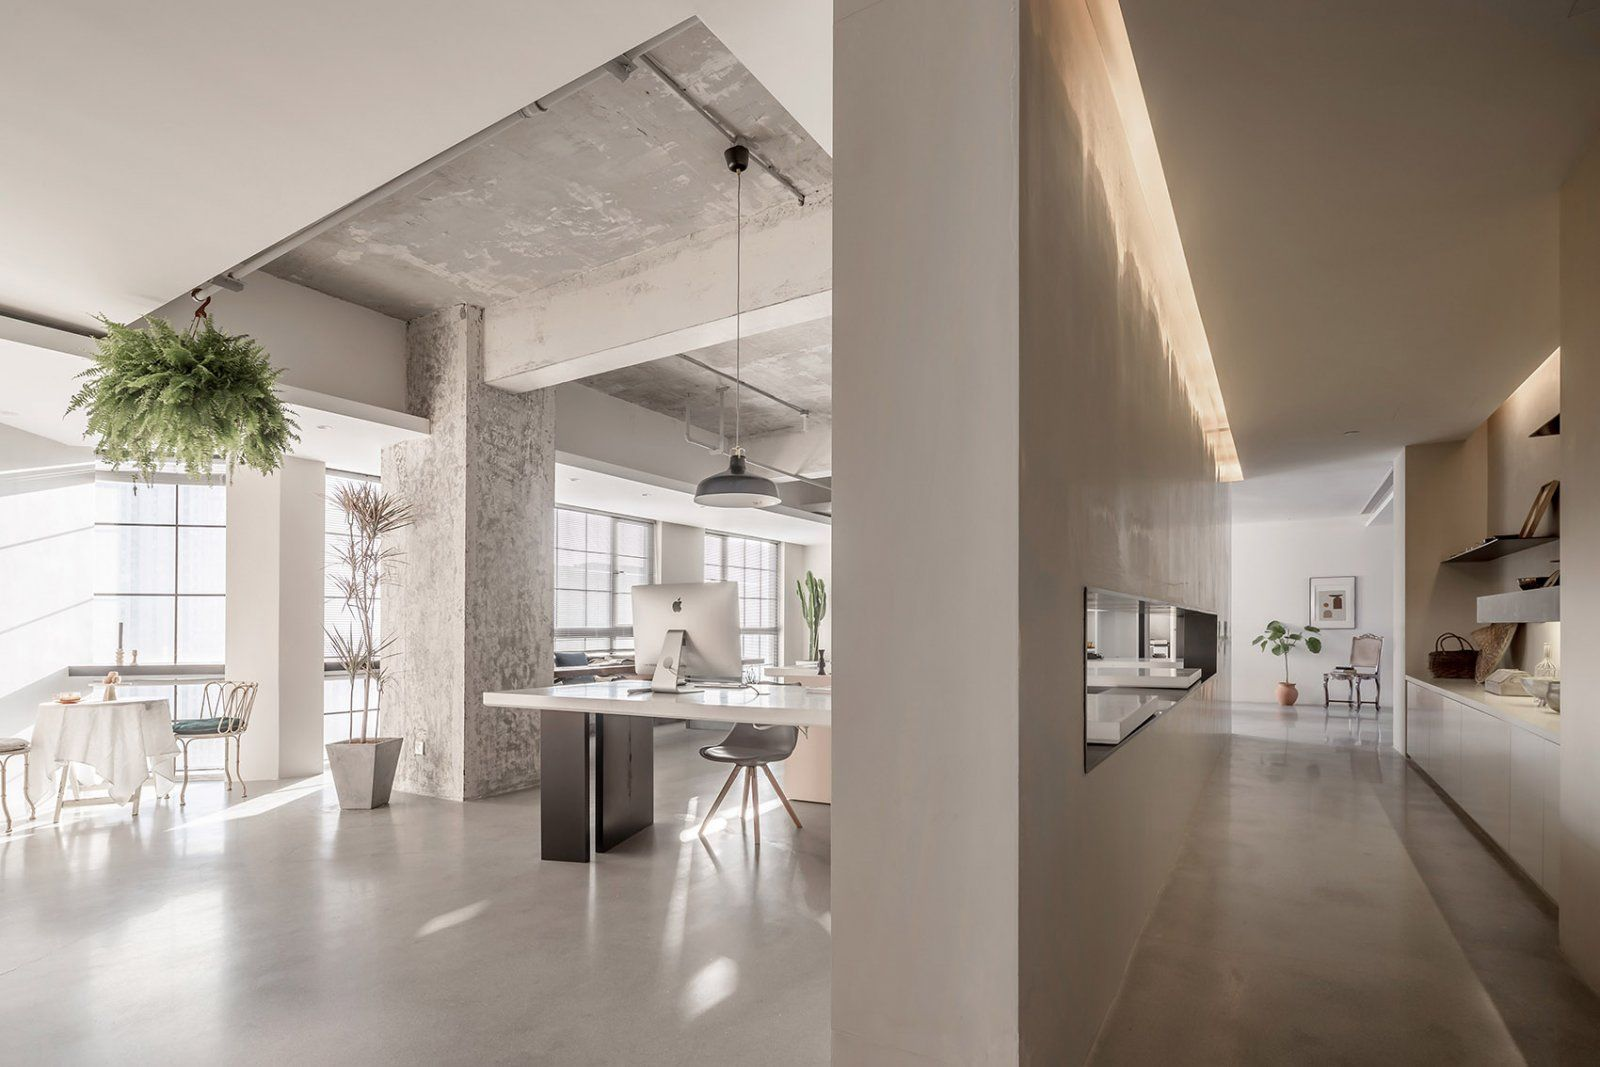 杭州莫语生活办公室 | 杭州时上建筑空间设计|沈墨 - 2